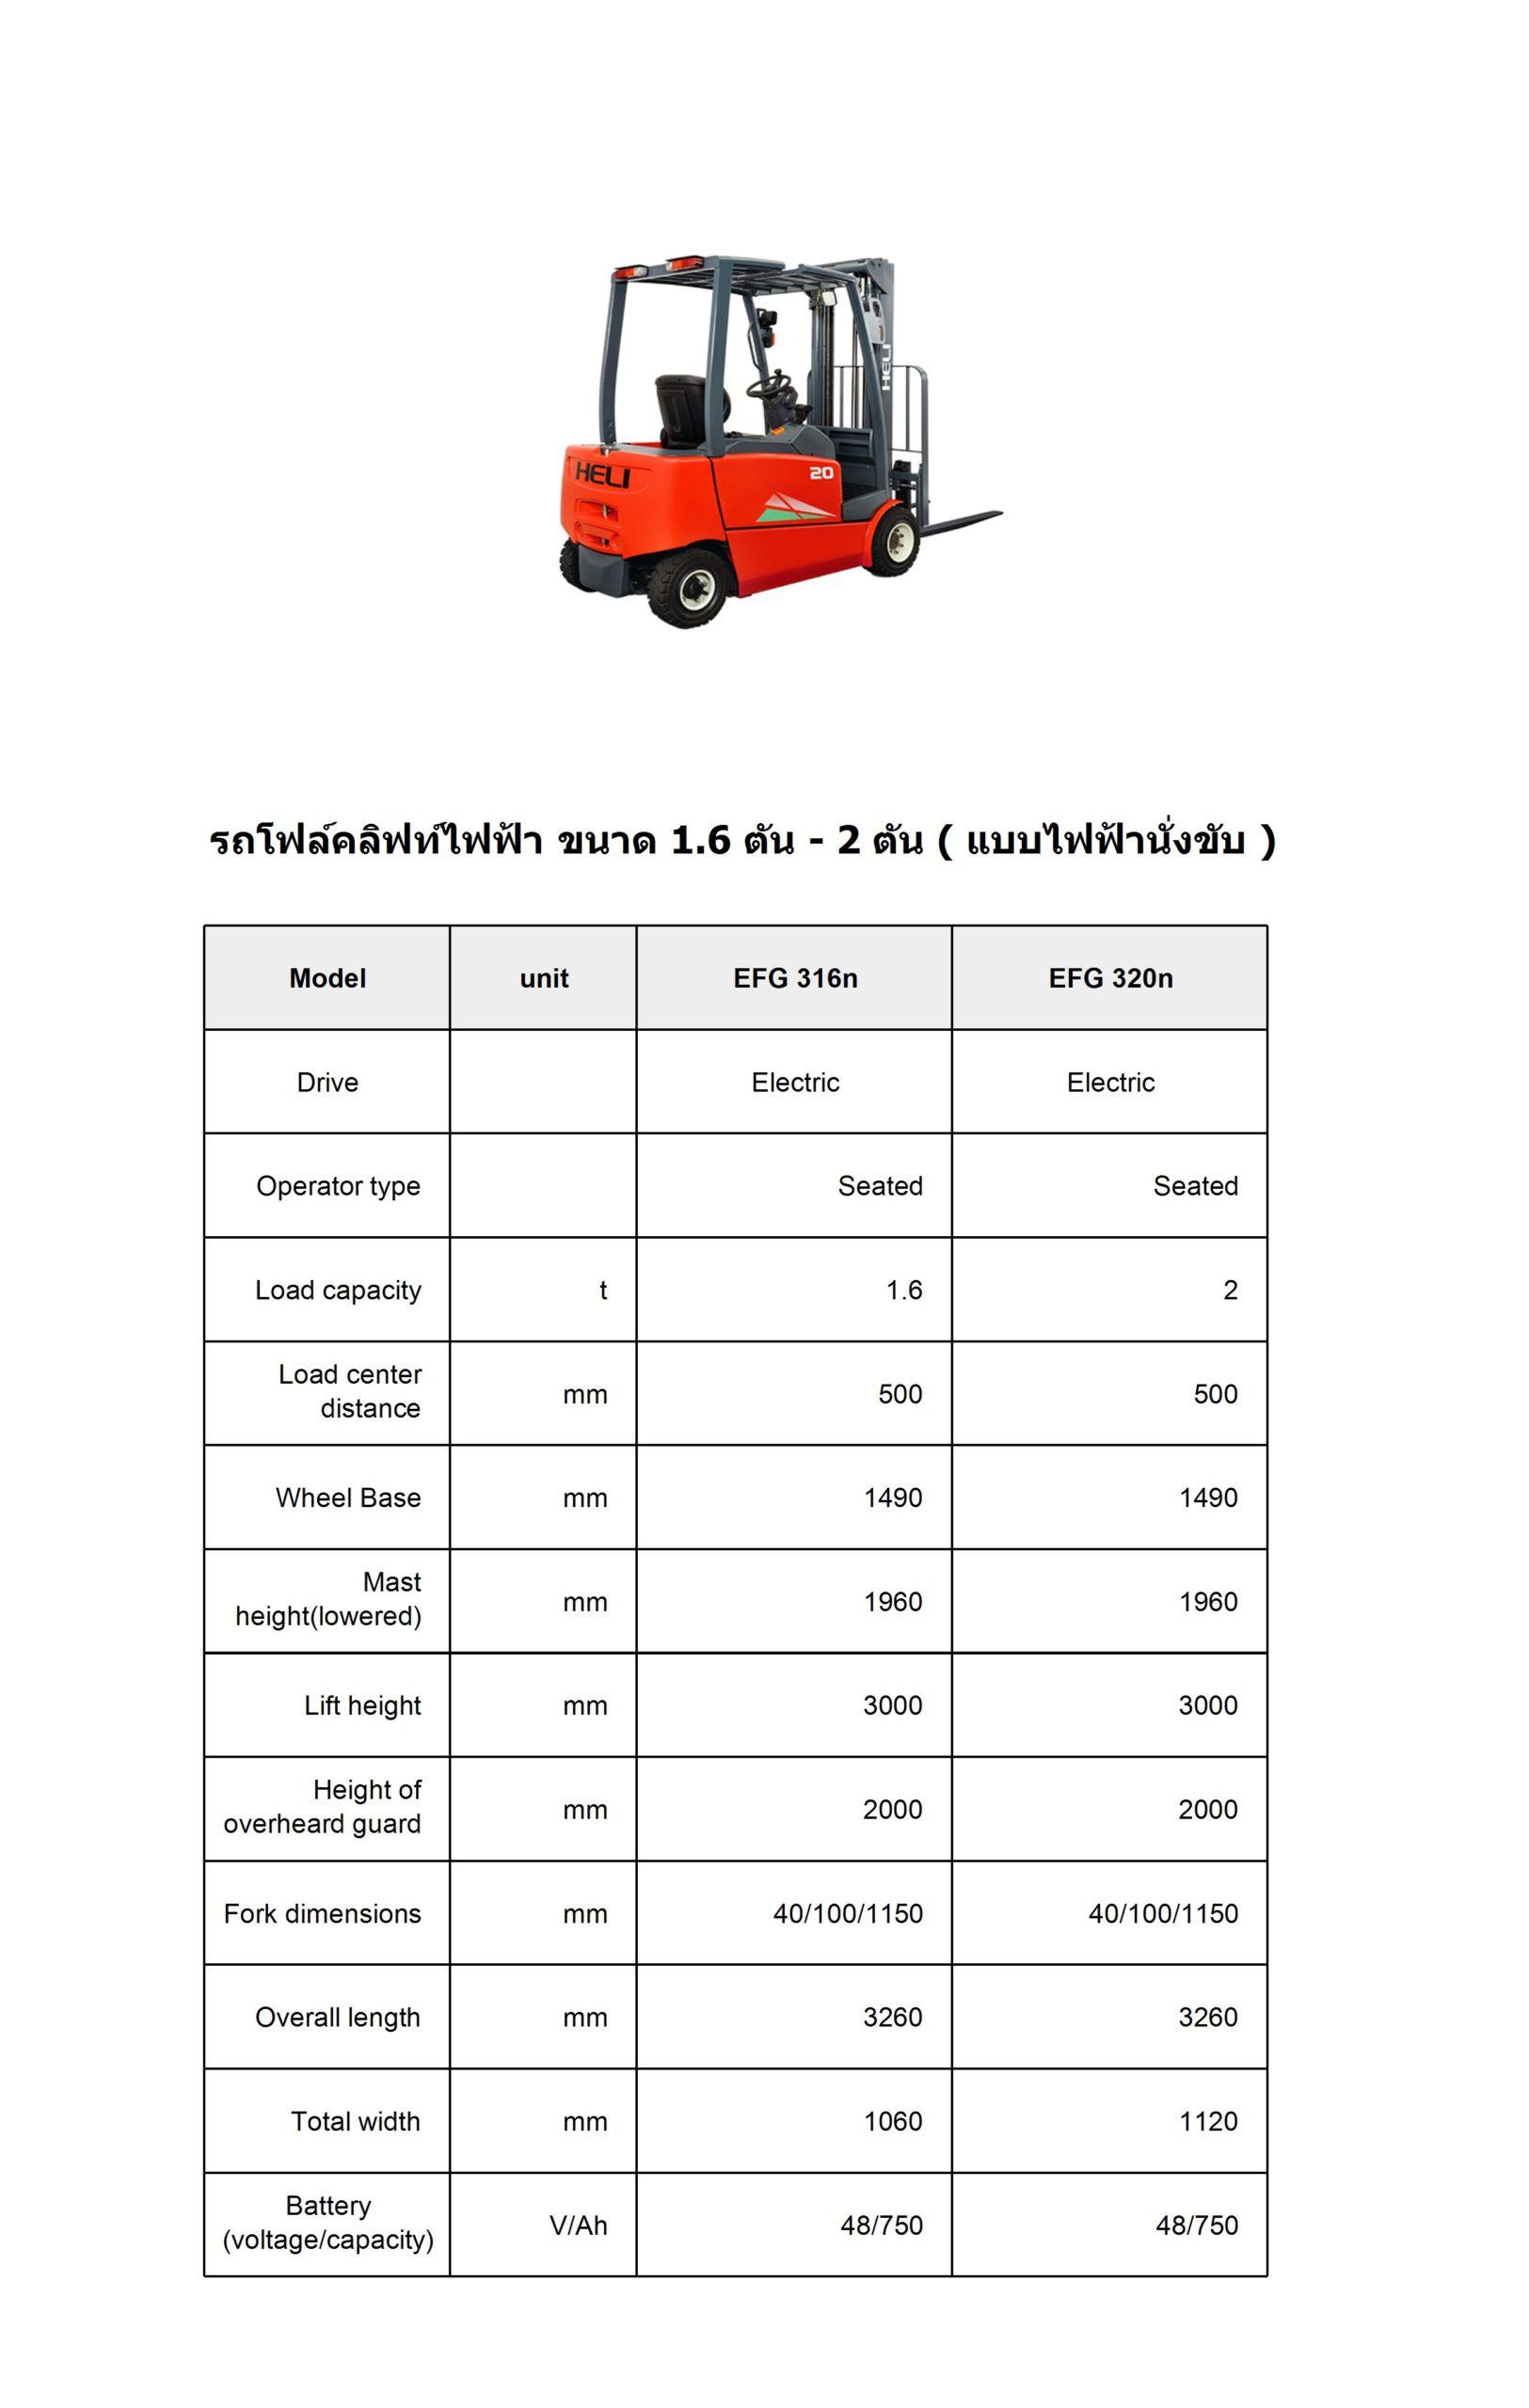 รถโฟล์คลิฟท์ไฟฟ้า-ขนาด-1.6-ตัน-2-ตัน-แบบไฟฟ้า-นั่งขับ